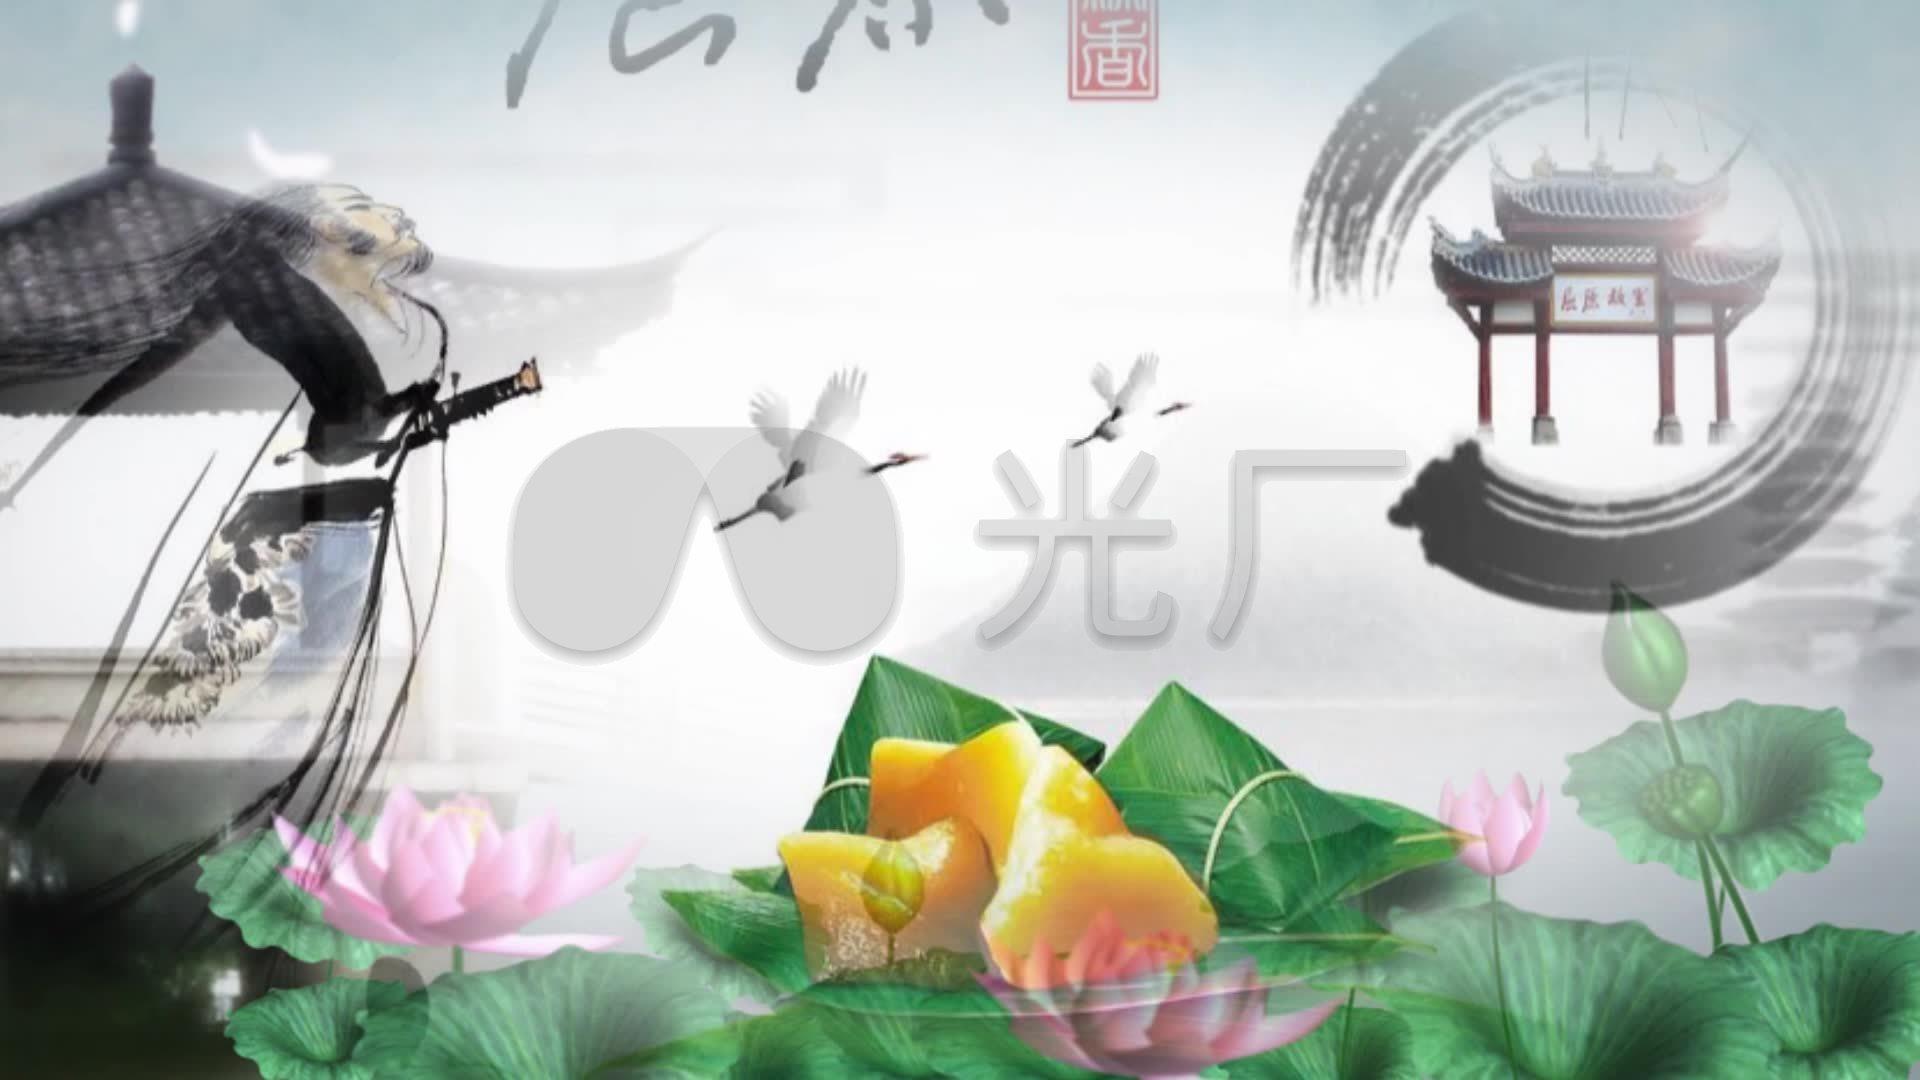 骚张一一离骚纪念屈原背景舞台歌曲配乐成_1ucla视频图片